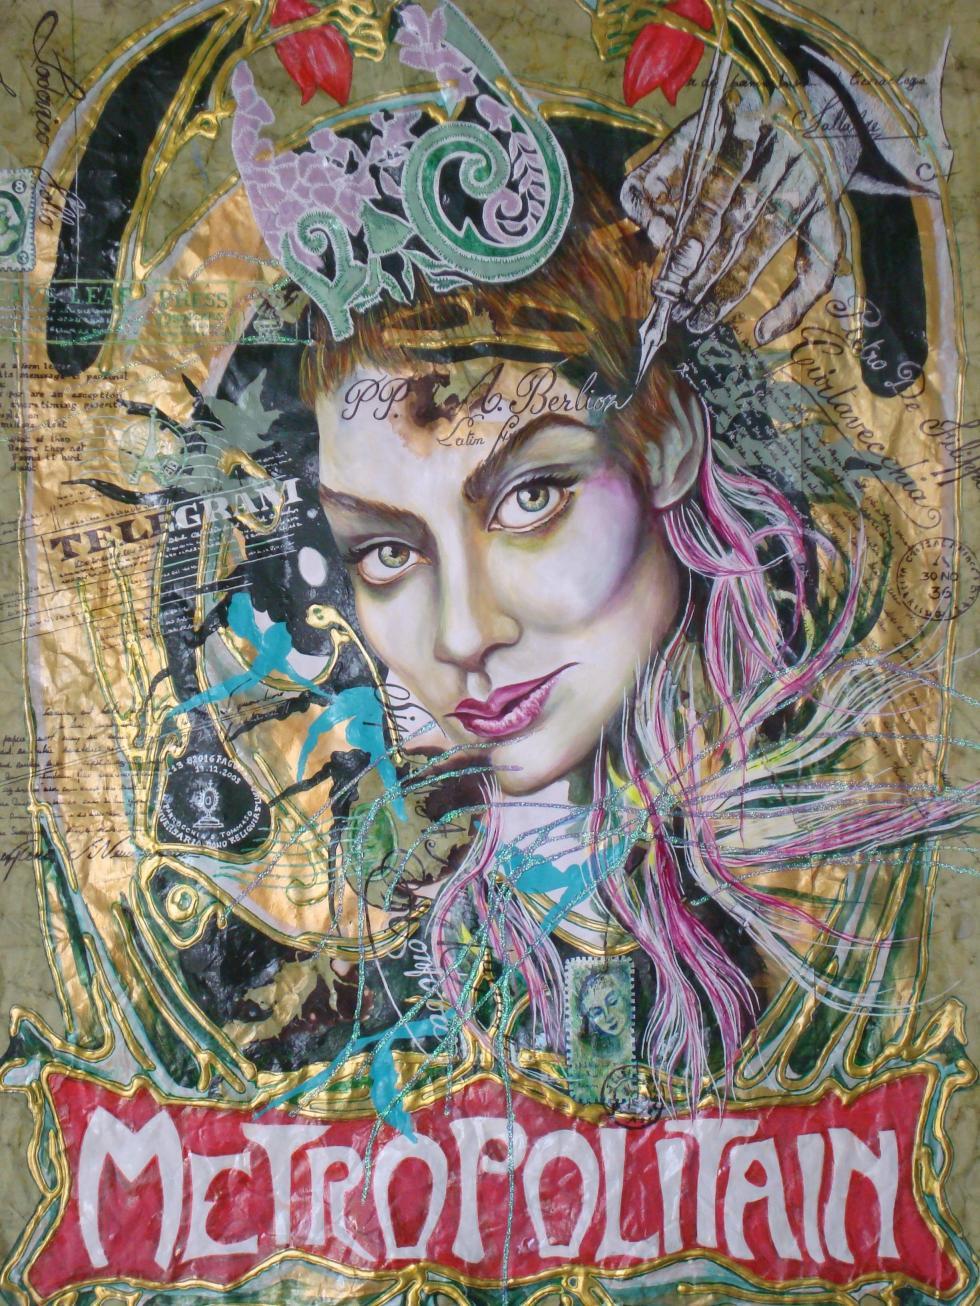 Metropolitain (2018) - Gabriela Farnell